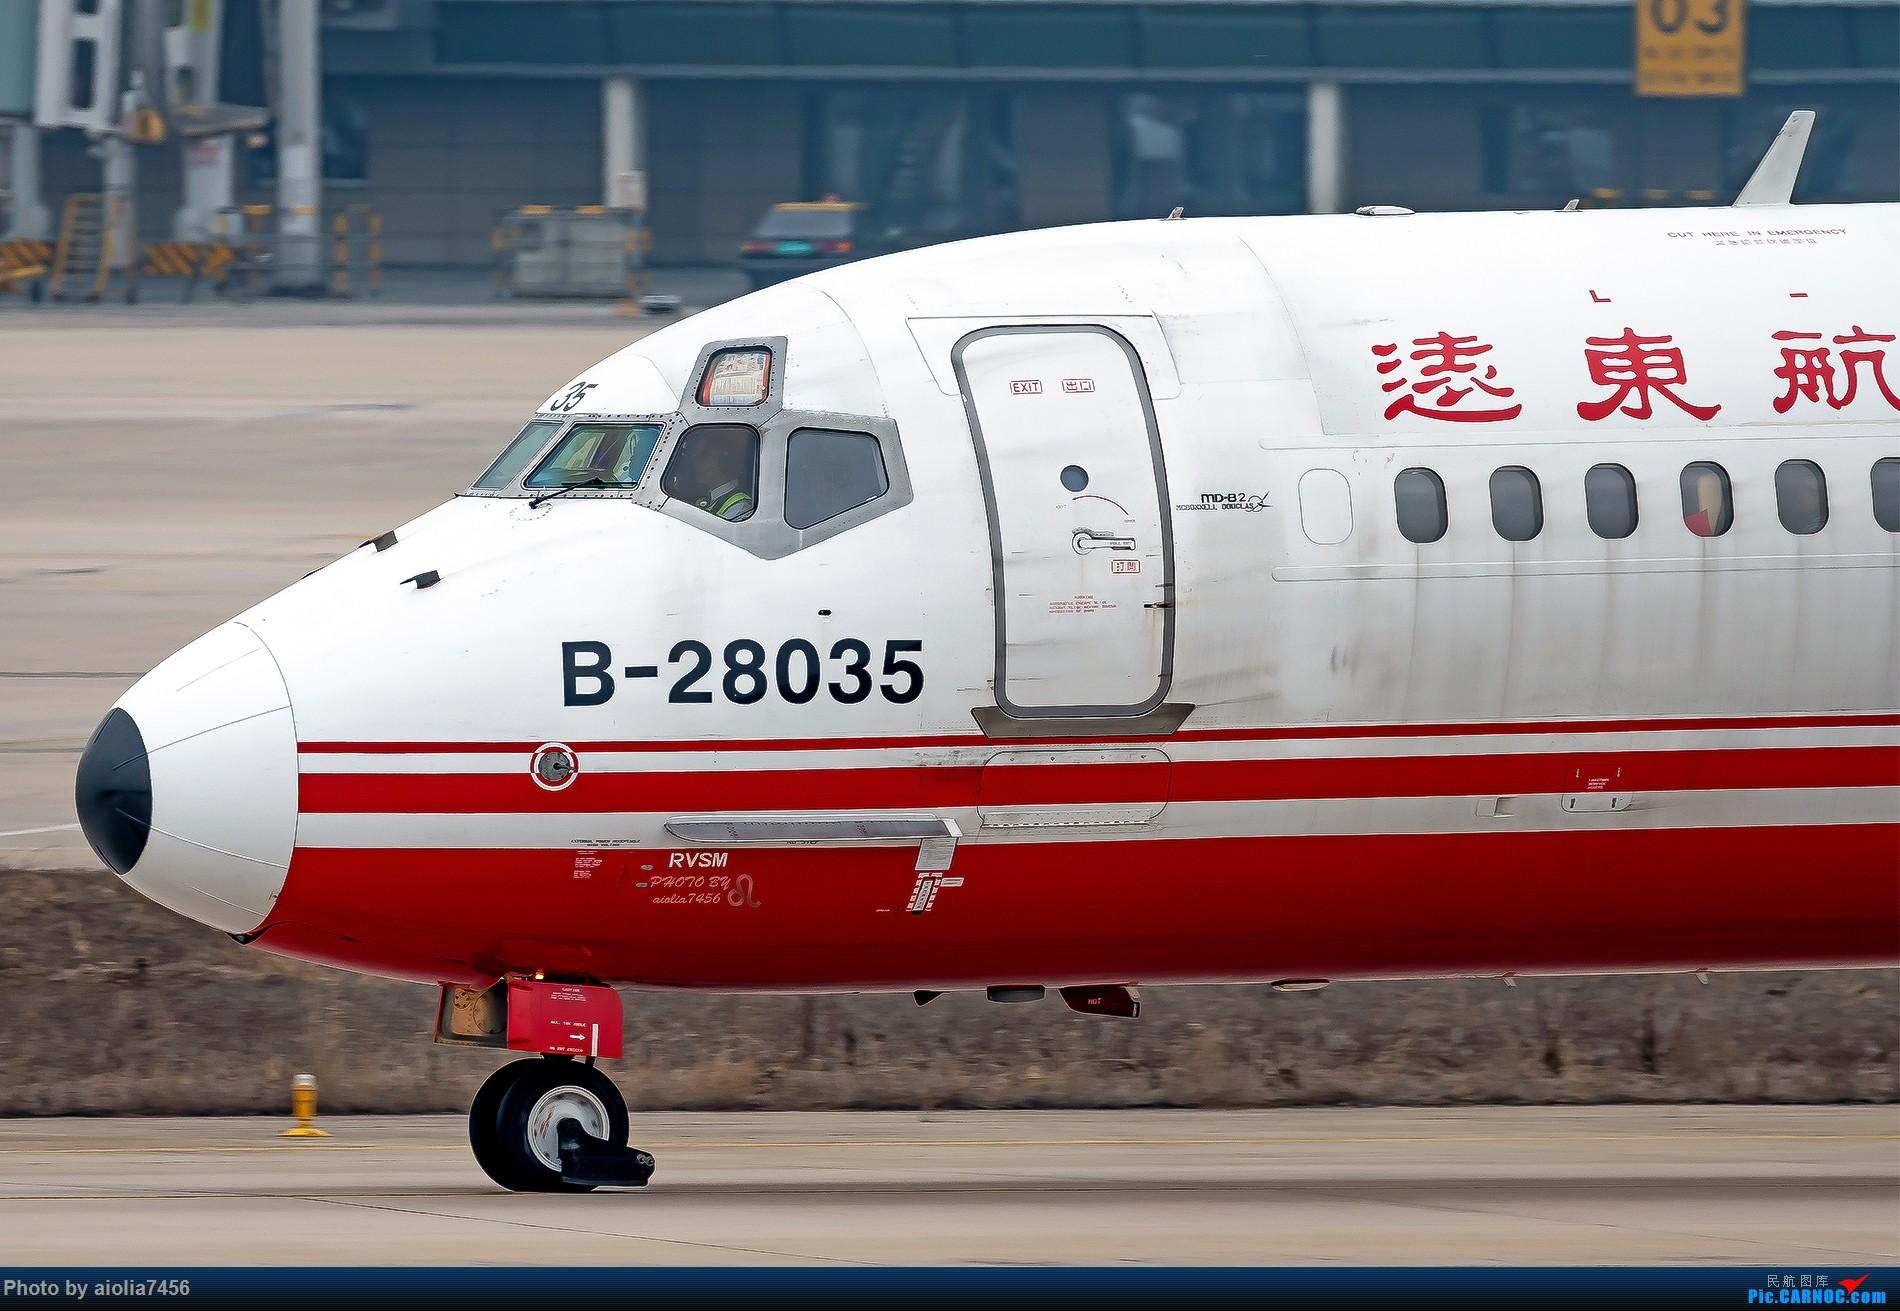 Re:[原创]【合肥飞友会】记述小确幸的霸都新桥,和记述着这些小确幸的霸都飞友 MD MD-80-82 B-28035 中国合肥新桥国际机场